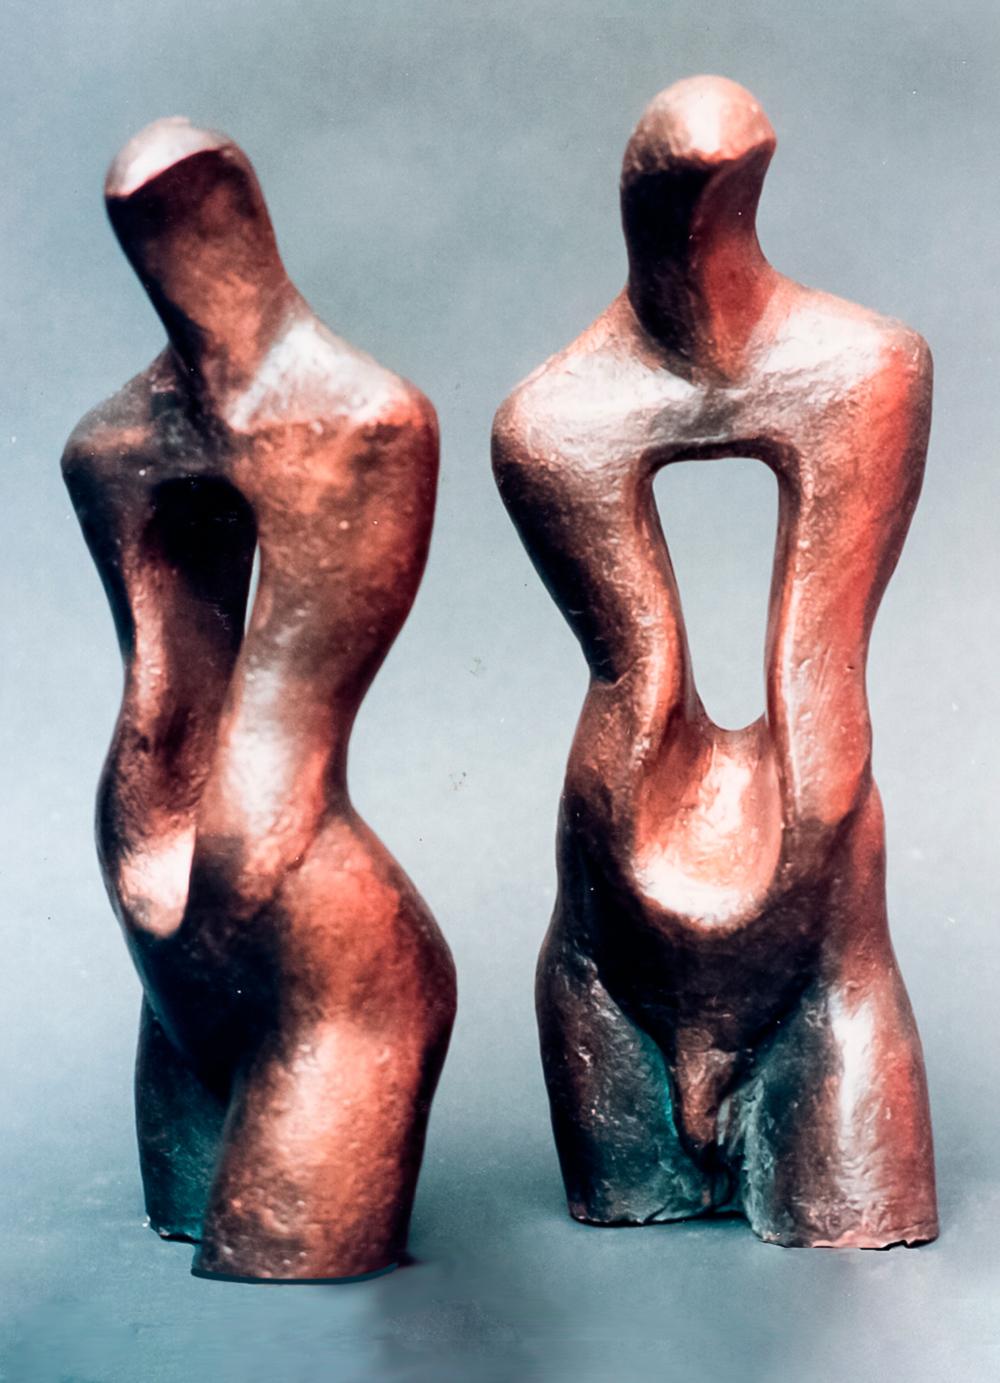 Escultura-El-abrazo-2-B-Figurativo-Abstracto-RD.Escultor